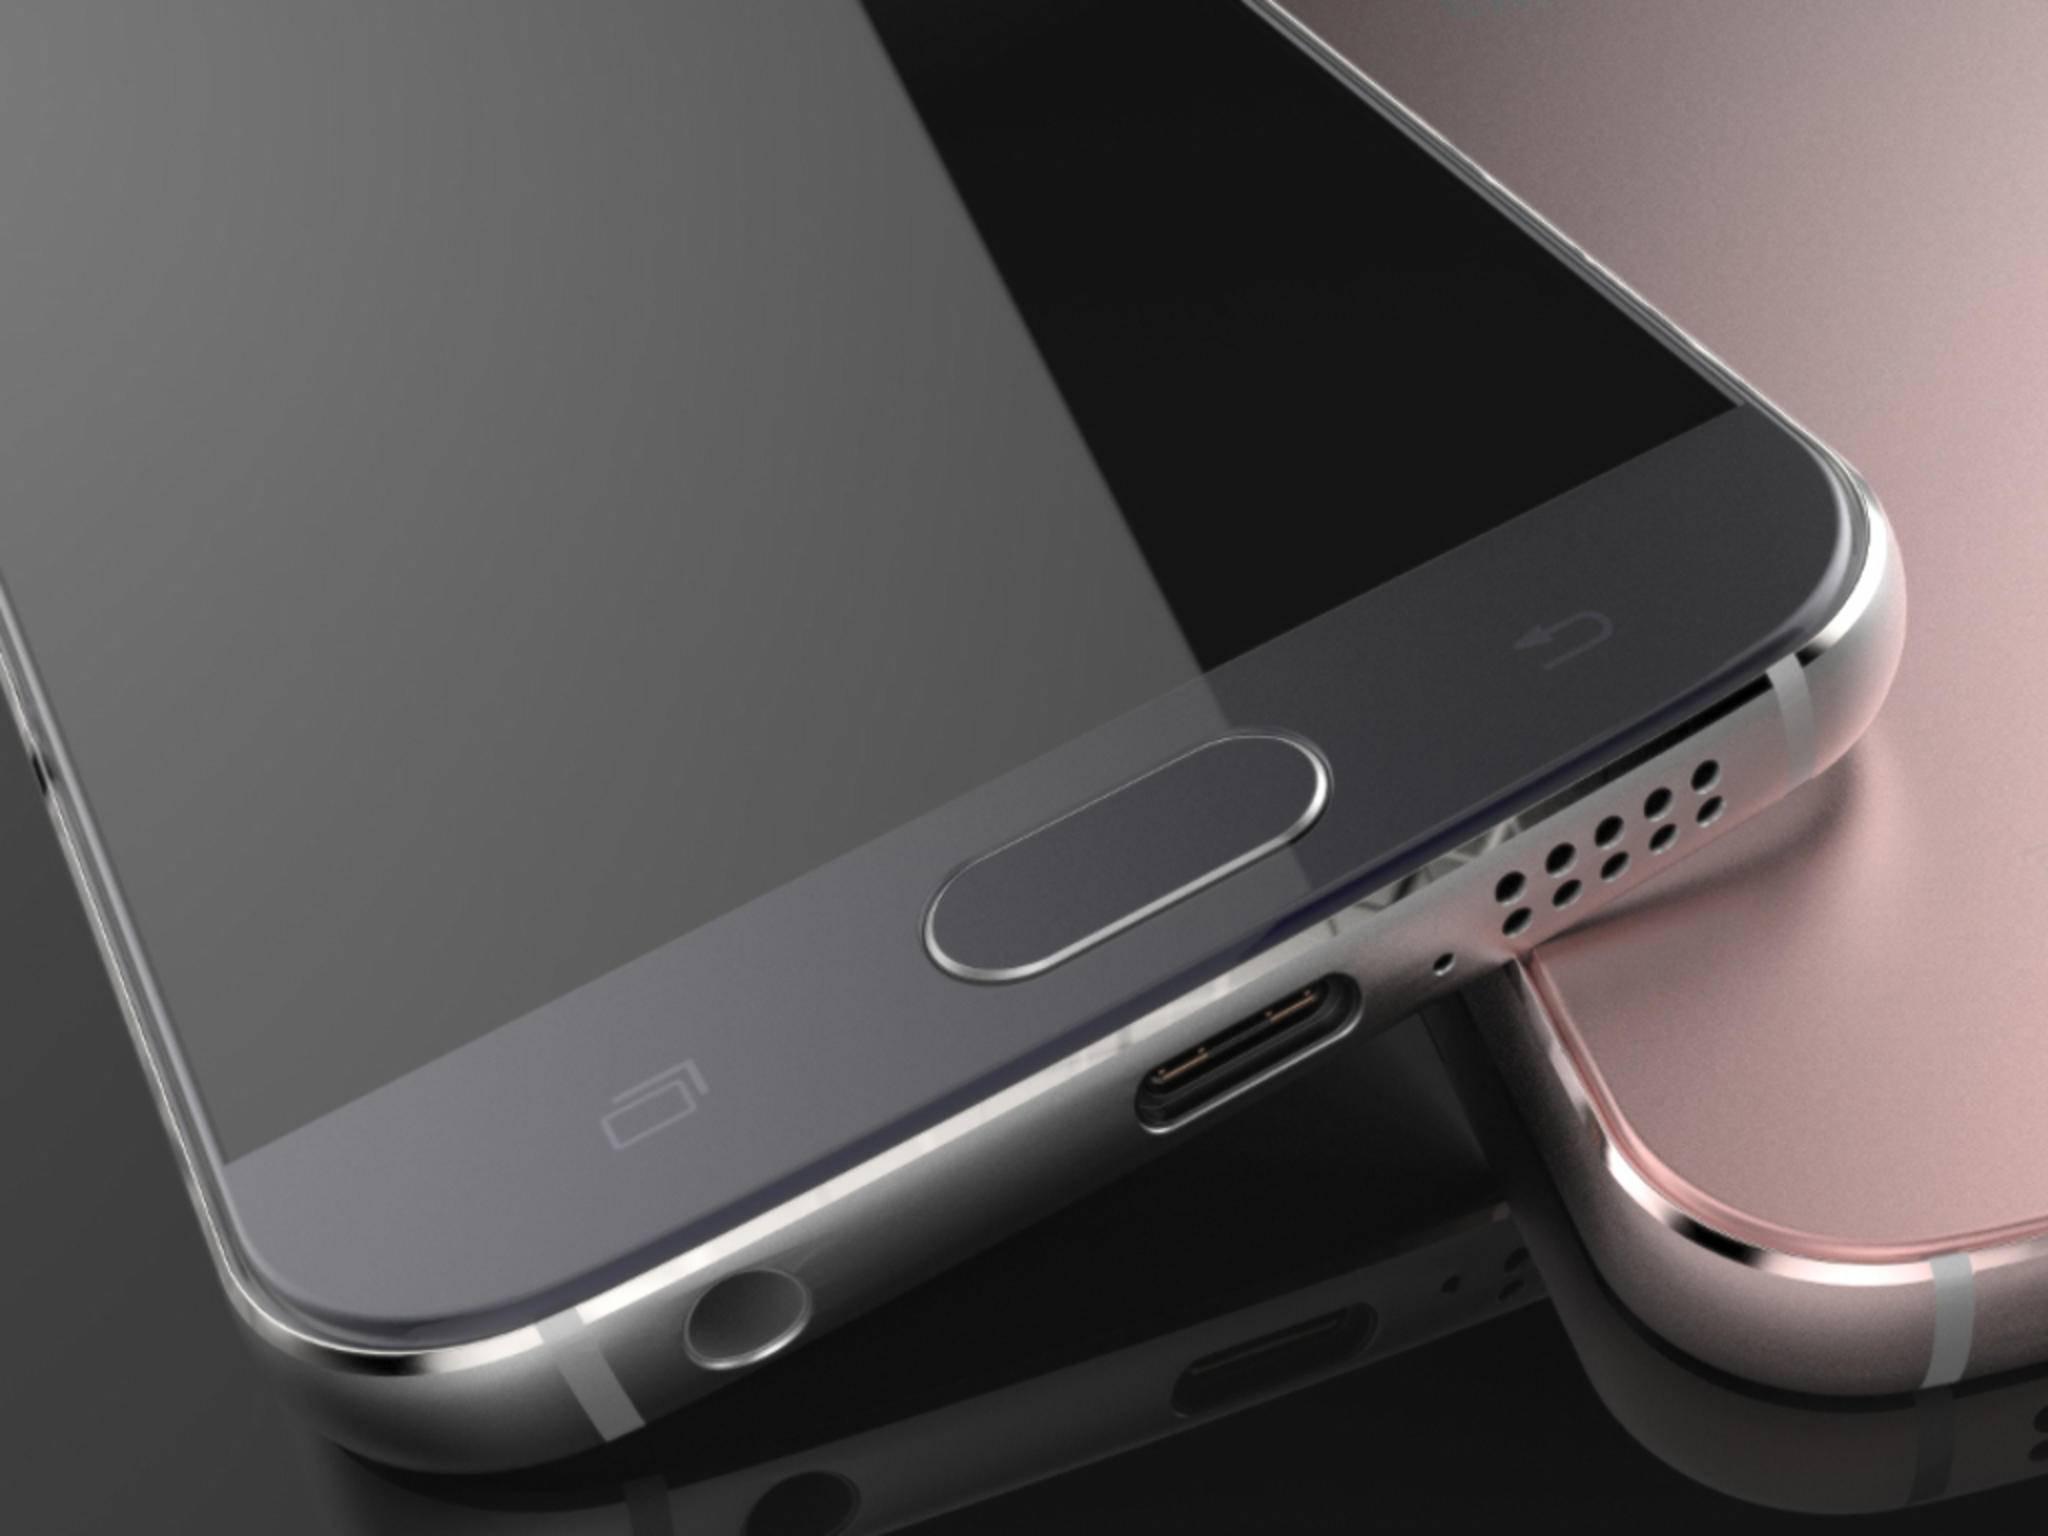 Die Maße des Samsung Galaxy S7 scheinen jetzt endgültig festzustehen.